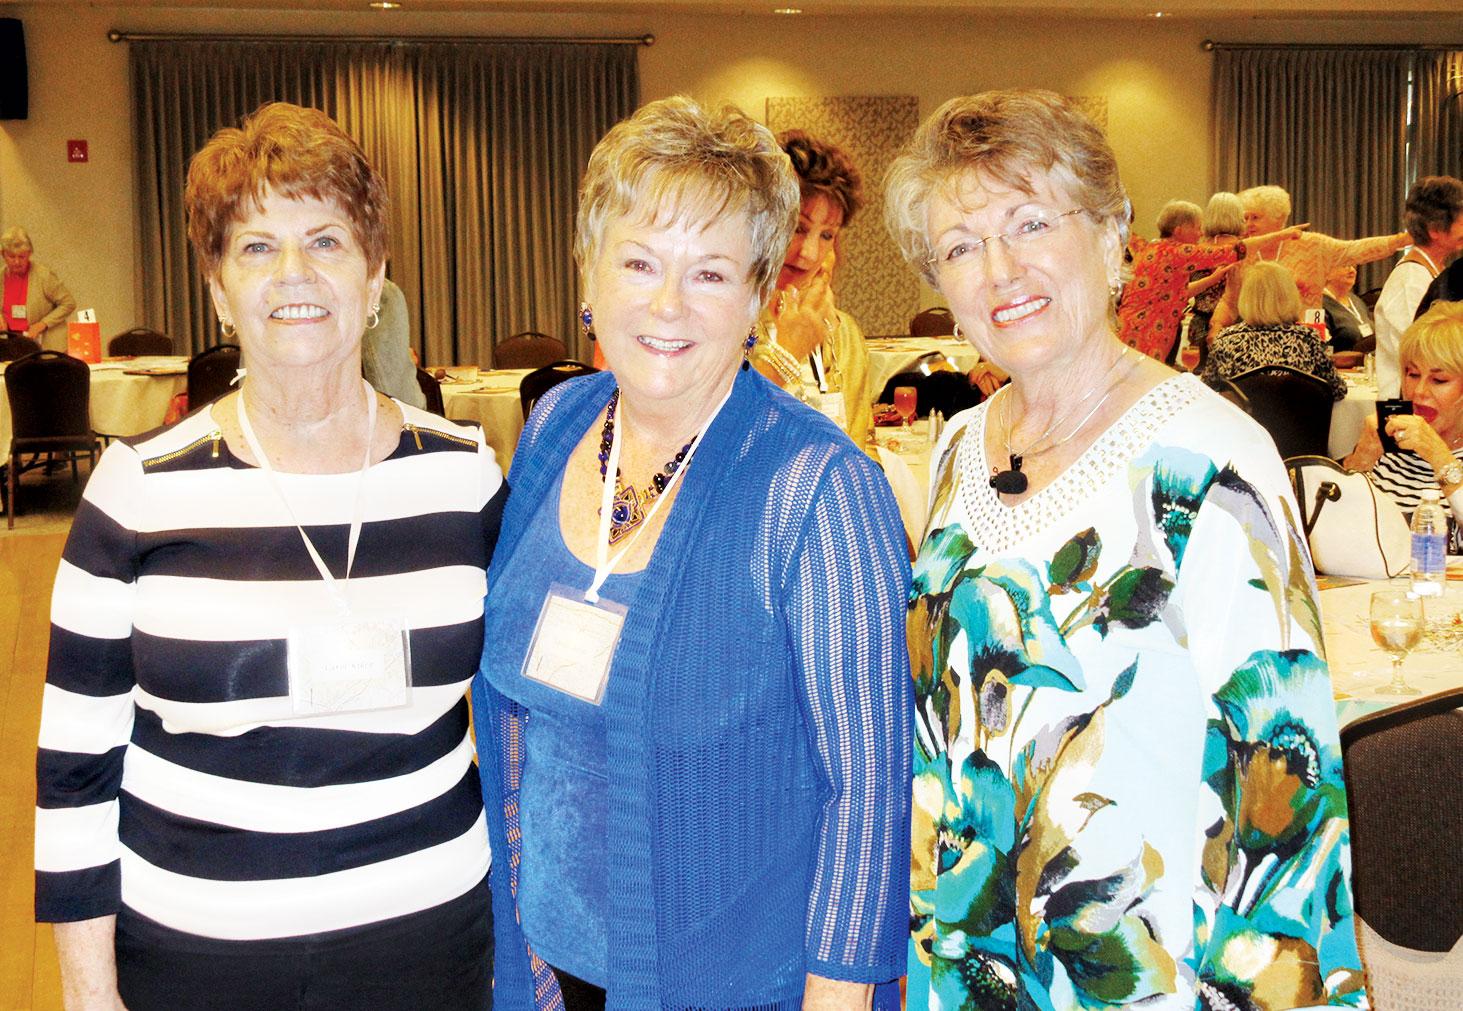 From left: Carol Kiker, Retreat Co-Chair, Sande Rivas, Women's Ministry Chair and Diana Walker, Retreat Speaker